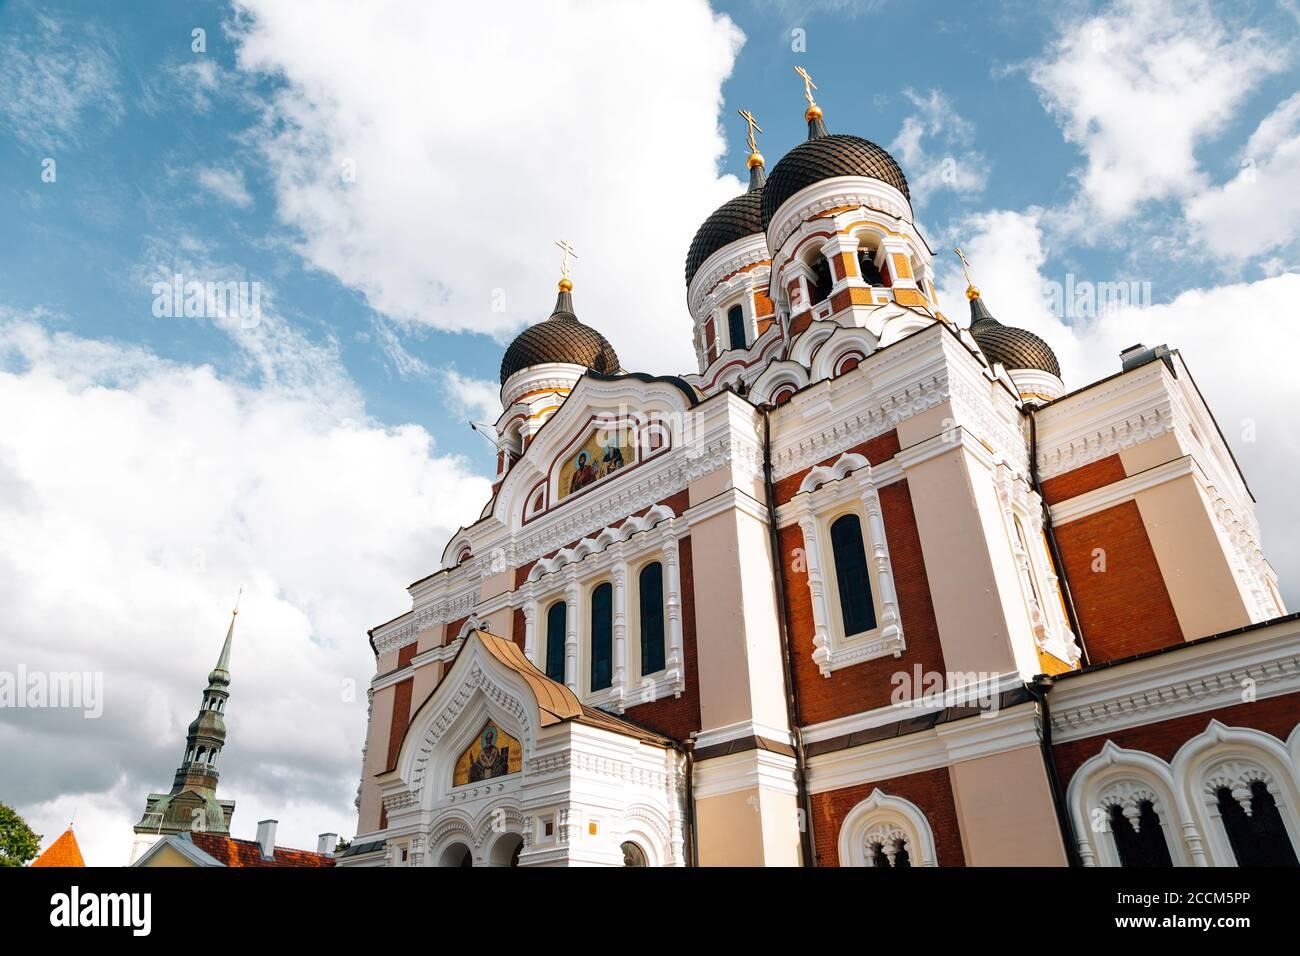 La cathédrale Alexandre Nevsky à Tallinn, Estonie Banque D'Images